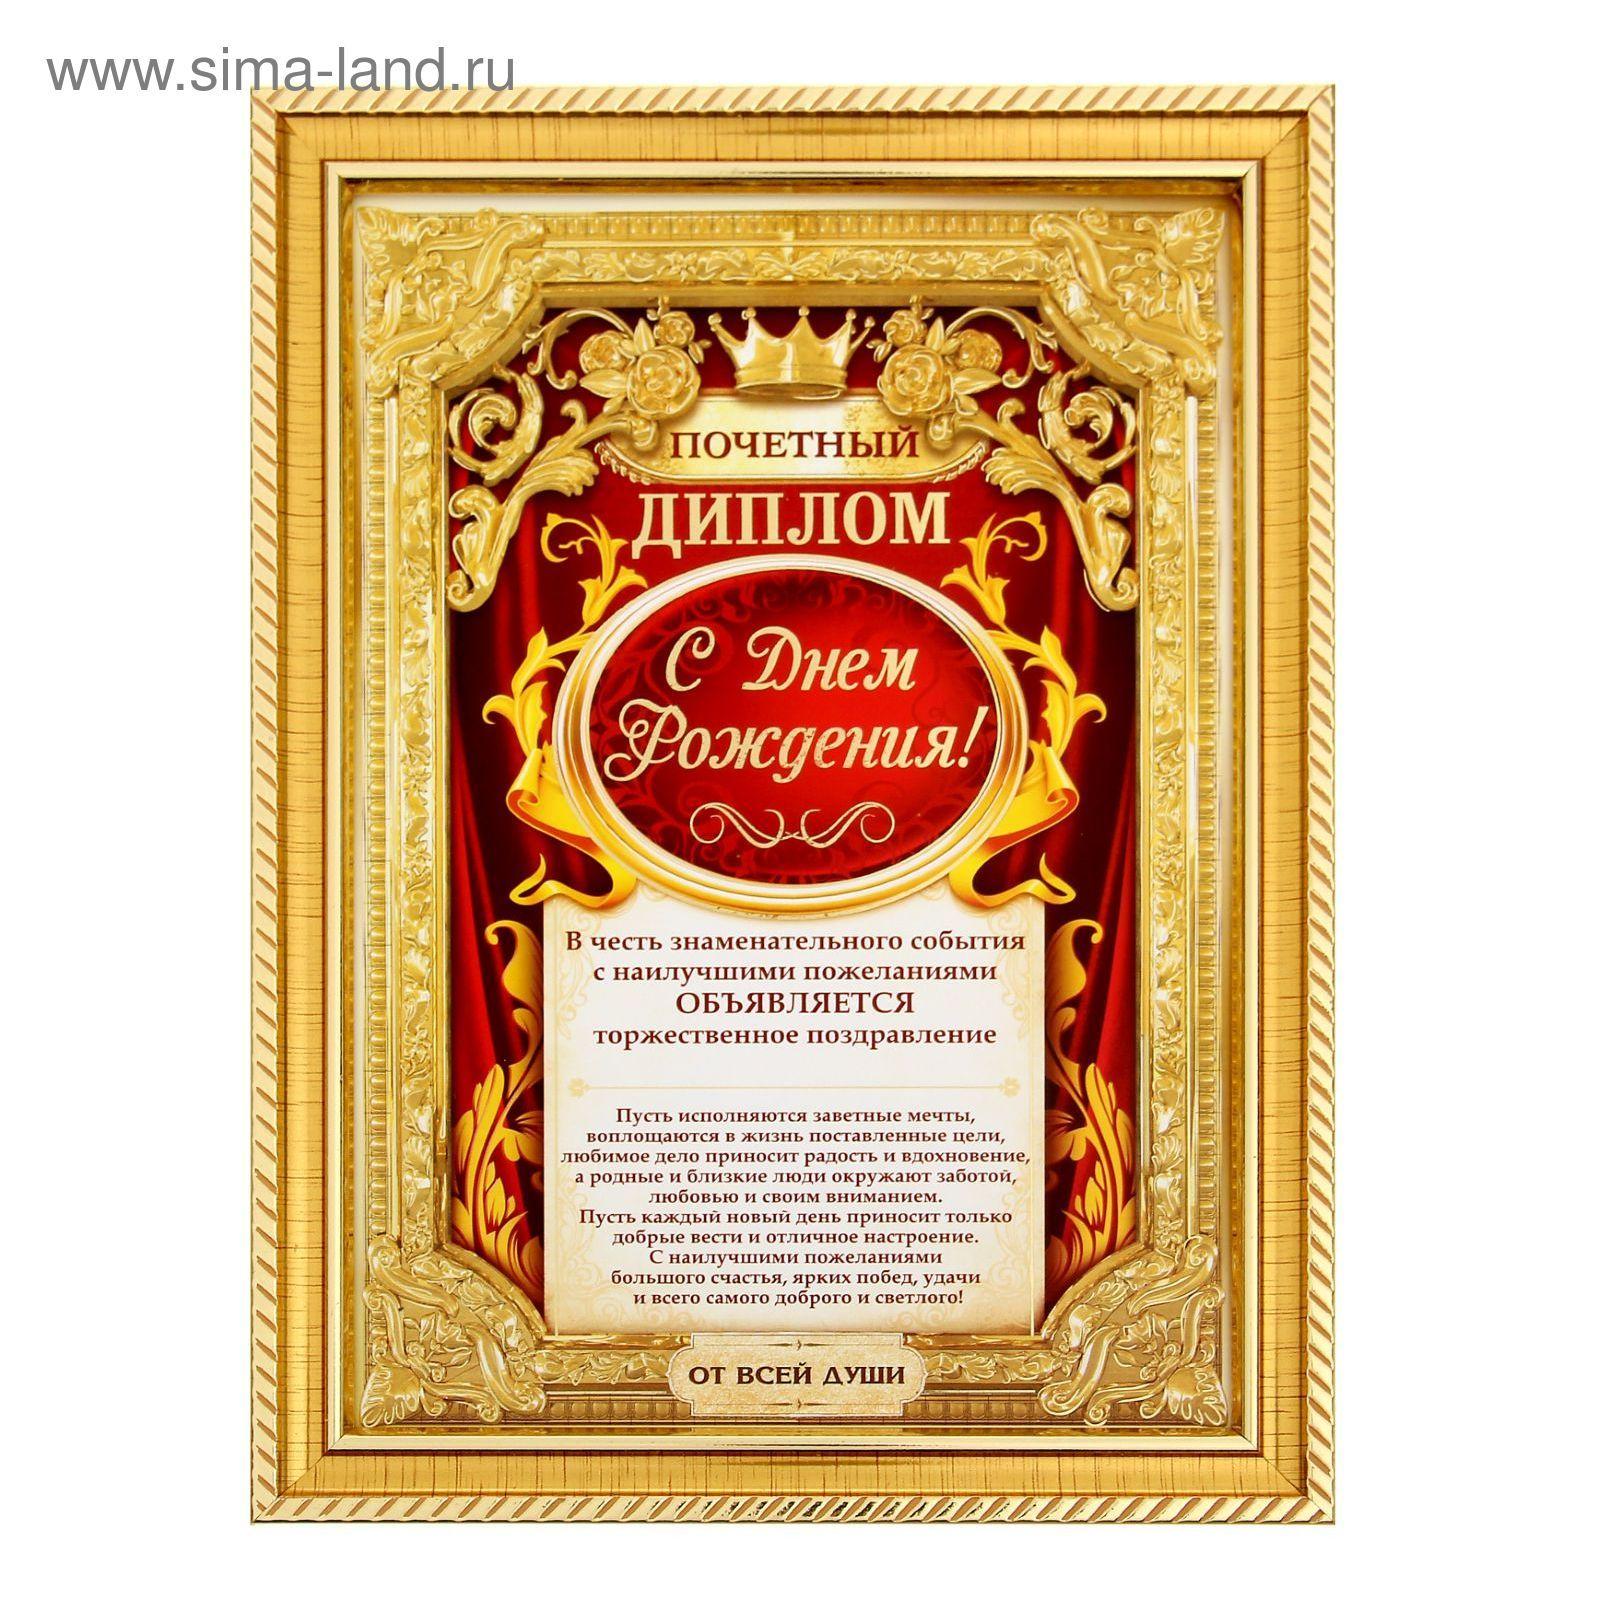 диплом лучшему другу тыс изображений найдено в Яндекс  диплом лучшему другу 13 тыс изображений найдено в Яндекс Картинках